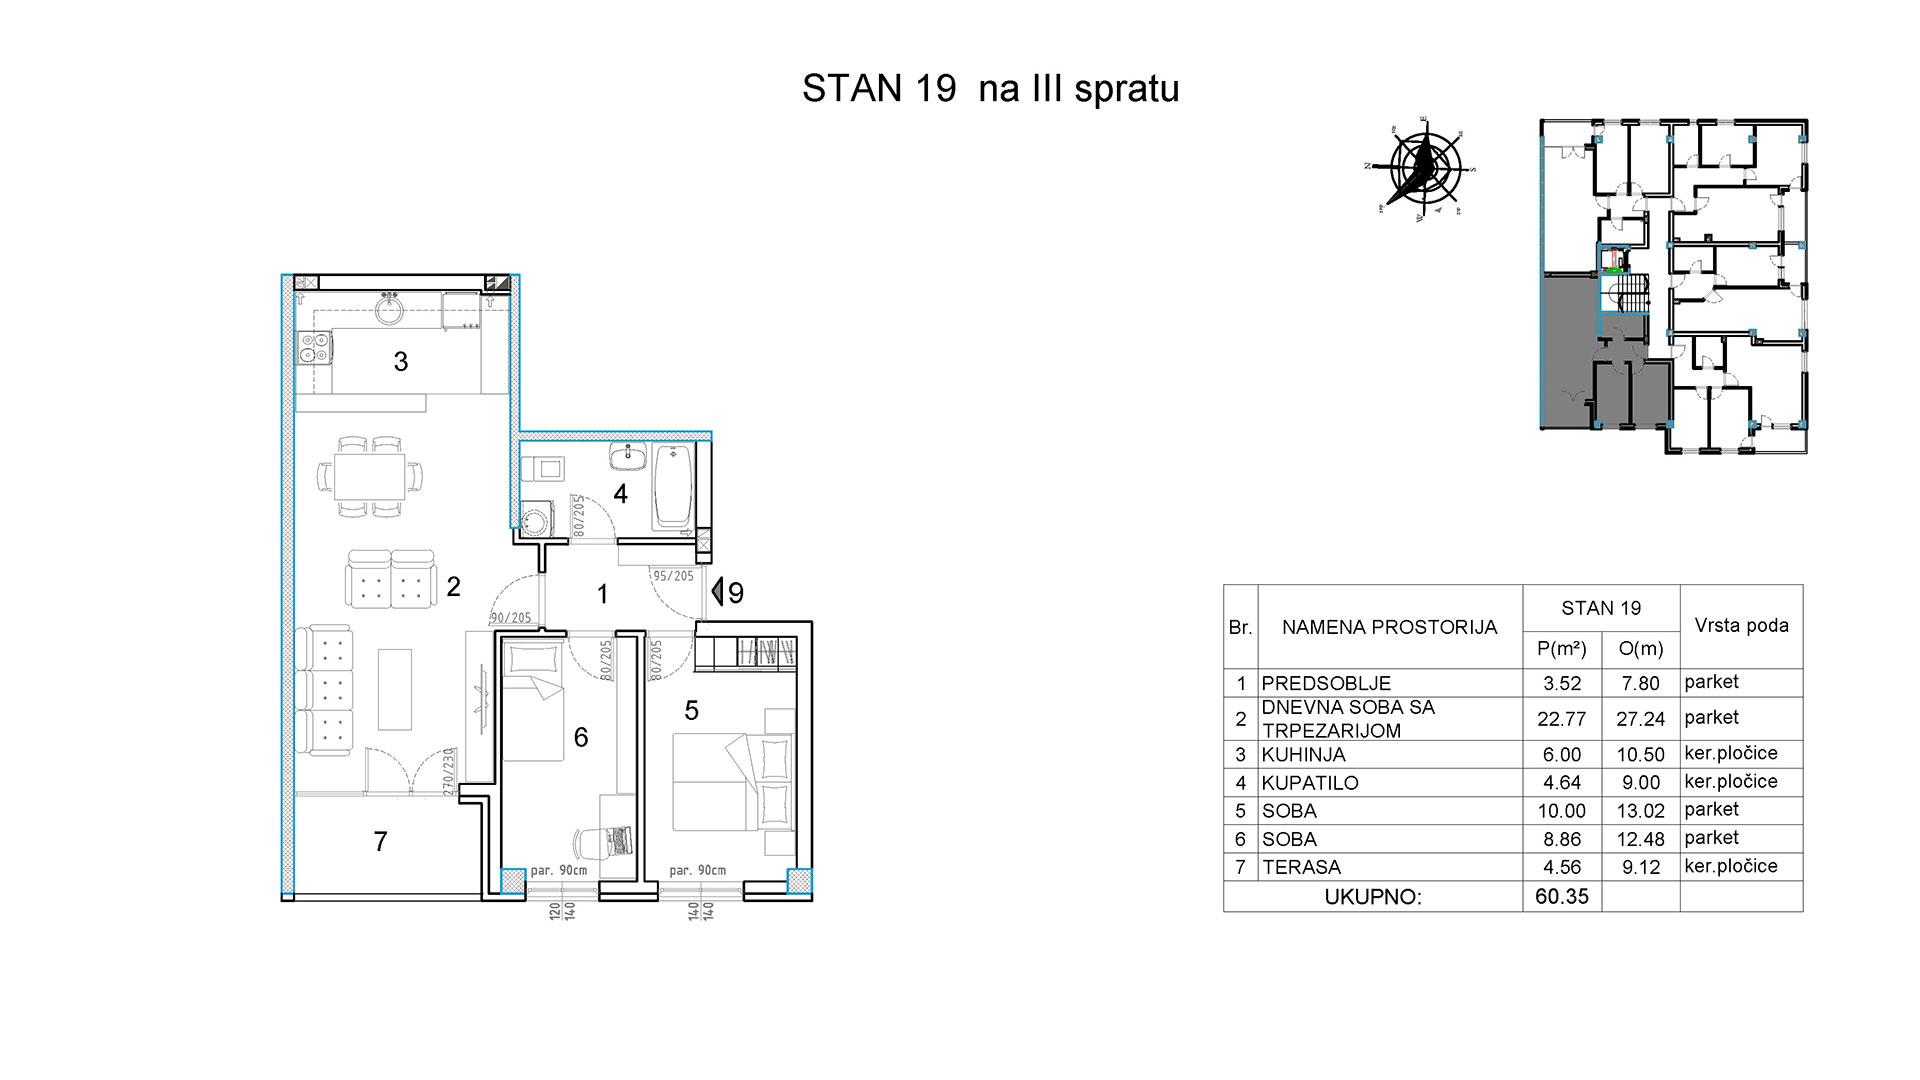 Objekat u Borivoja Stevanovica bb - Stan 19